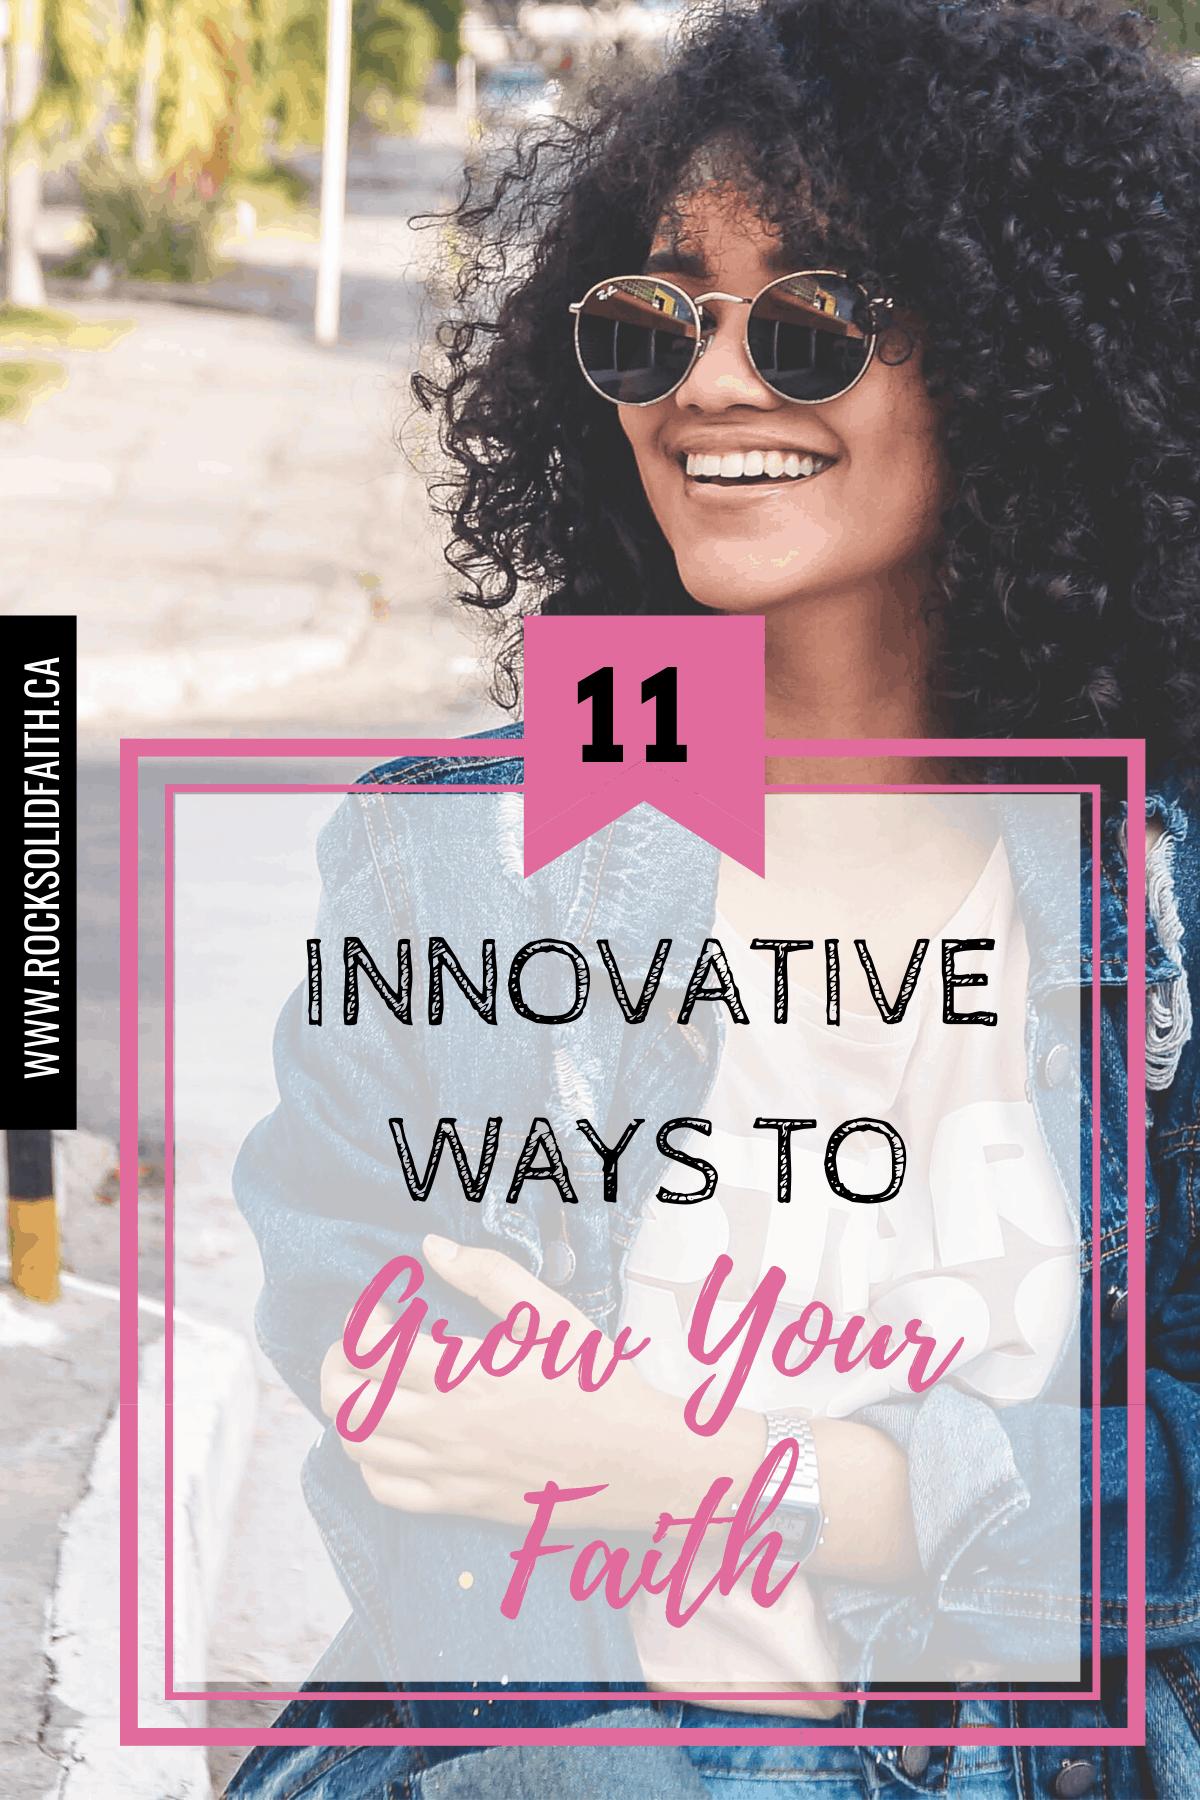 Innovative Ways to Grow Your Faith